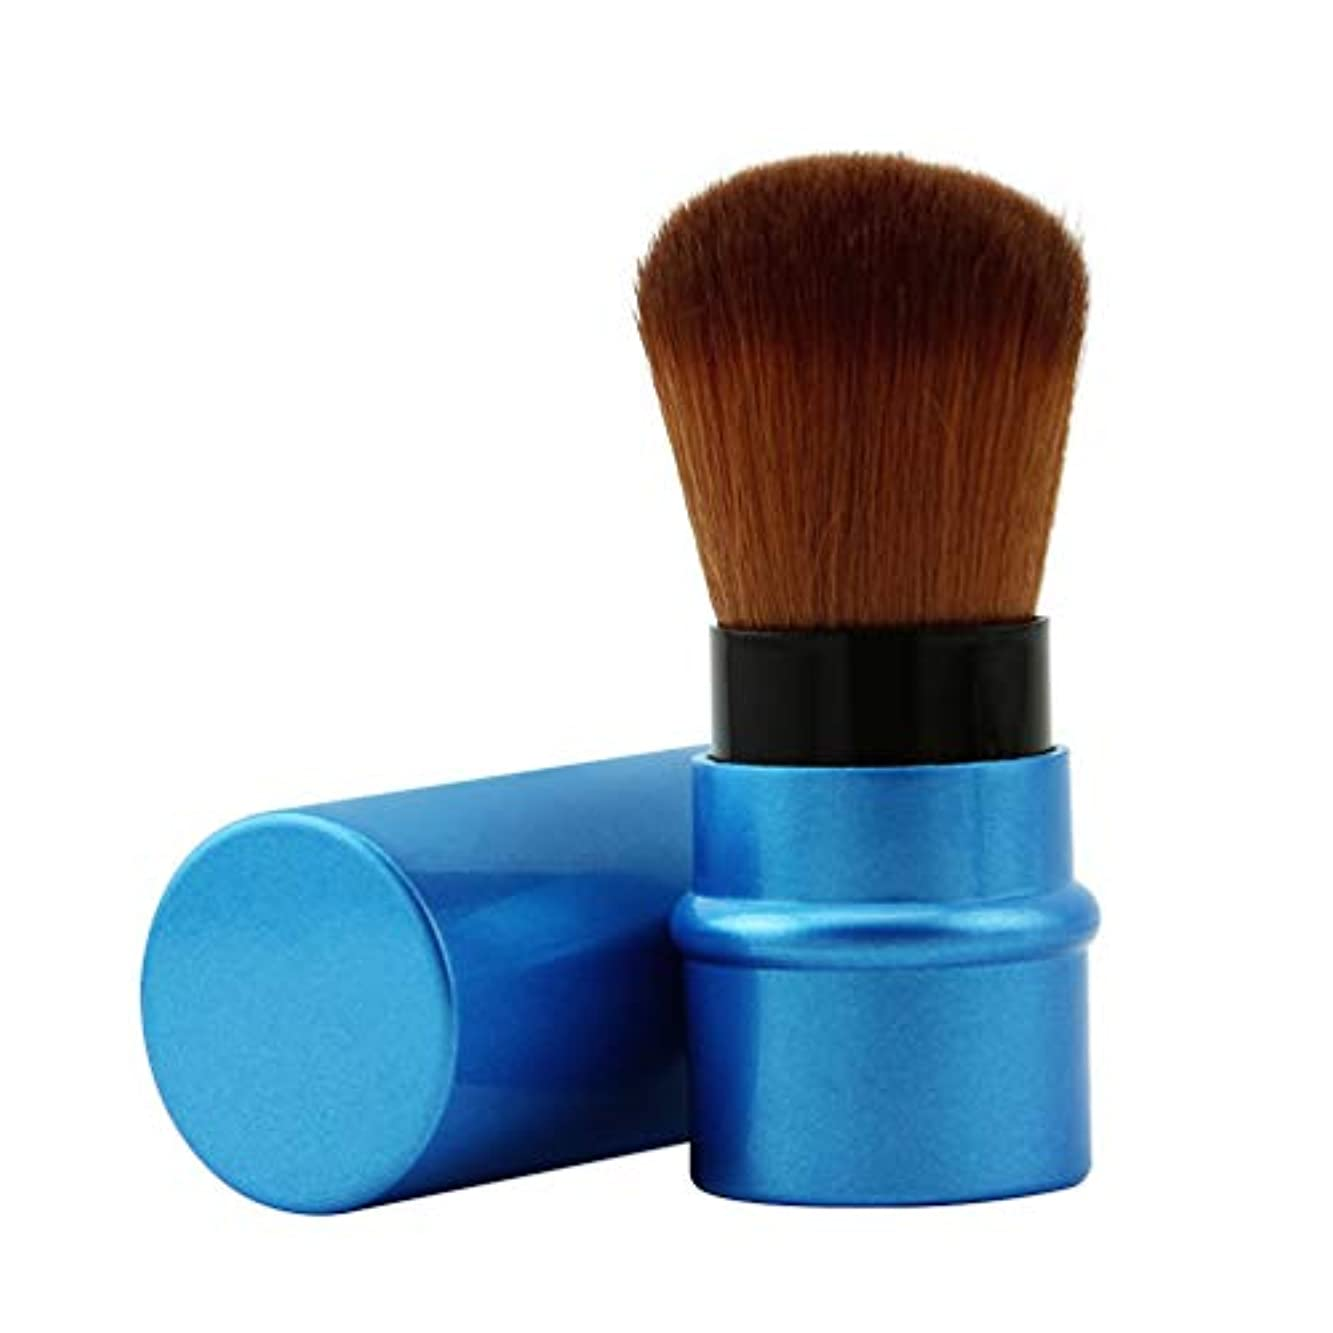 木用心戦闘SHARE BEAUTY メイクブラシ 伸縮式デザイン スライド式 ファンデーションブラシ パウダーブラシ フェイスブラシ 人気 可愛い 柔らかい 優しい肌触り 多機能 軽量 通勤、出張、旅行に適用 贈り物に最適 メイクアップツール 化粧筆 (ブルー)